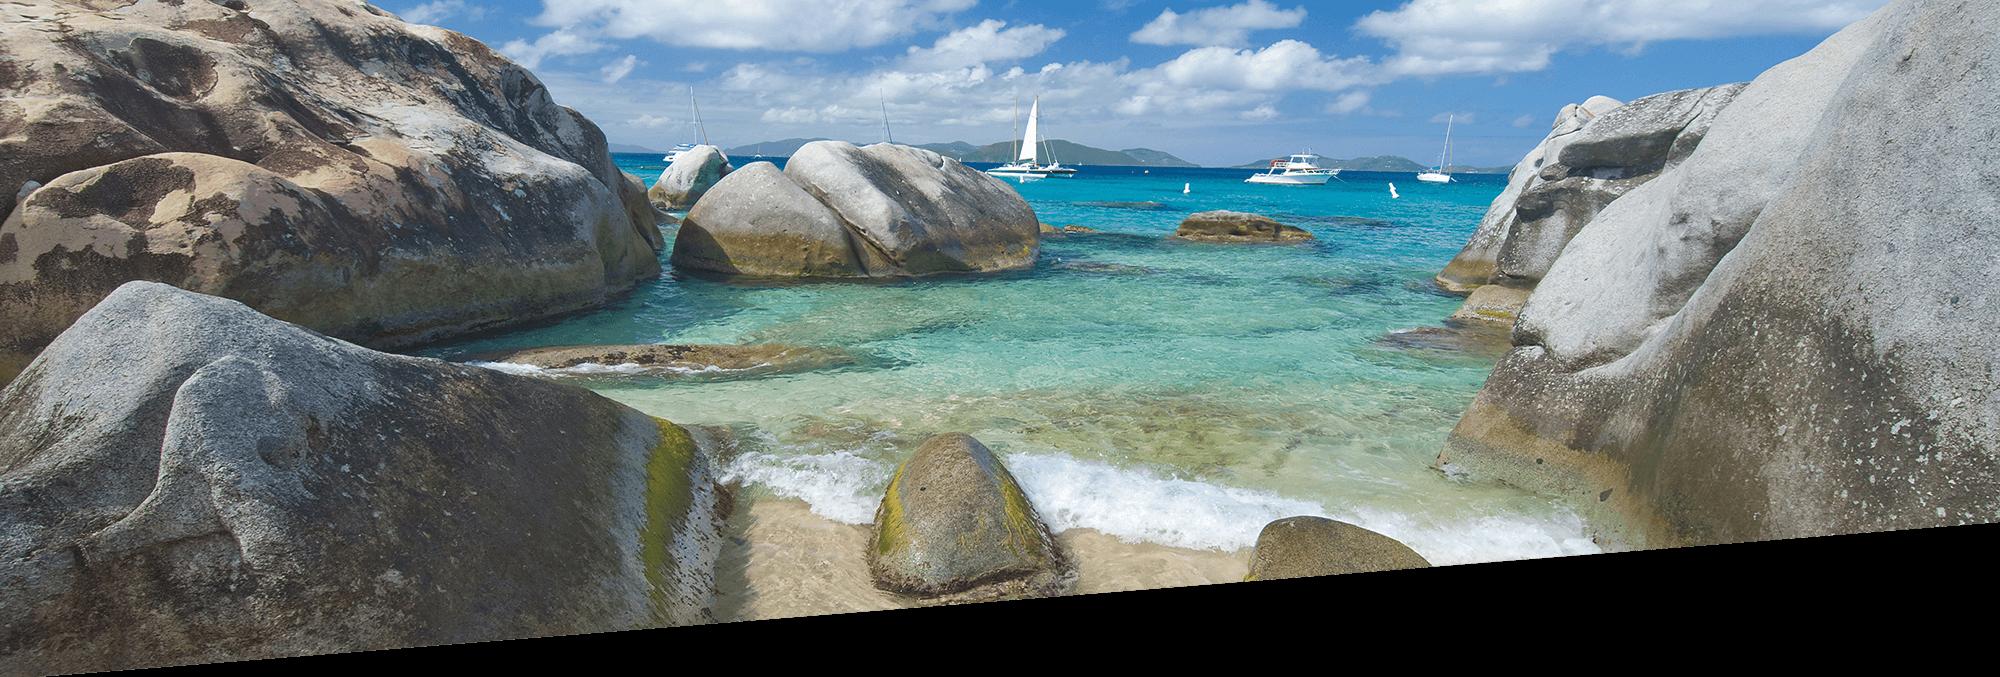 Yachtcharter Britische Jungferninseln Sunsail